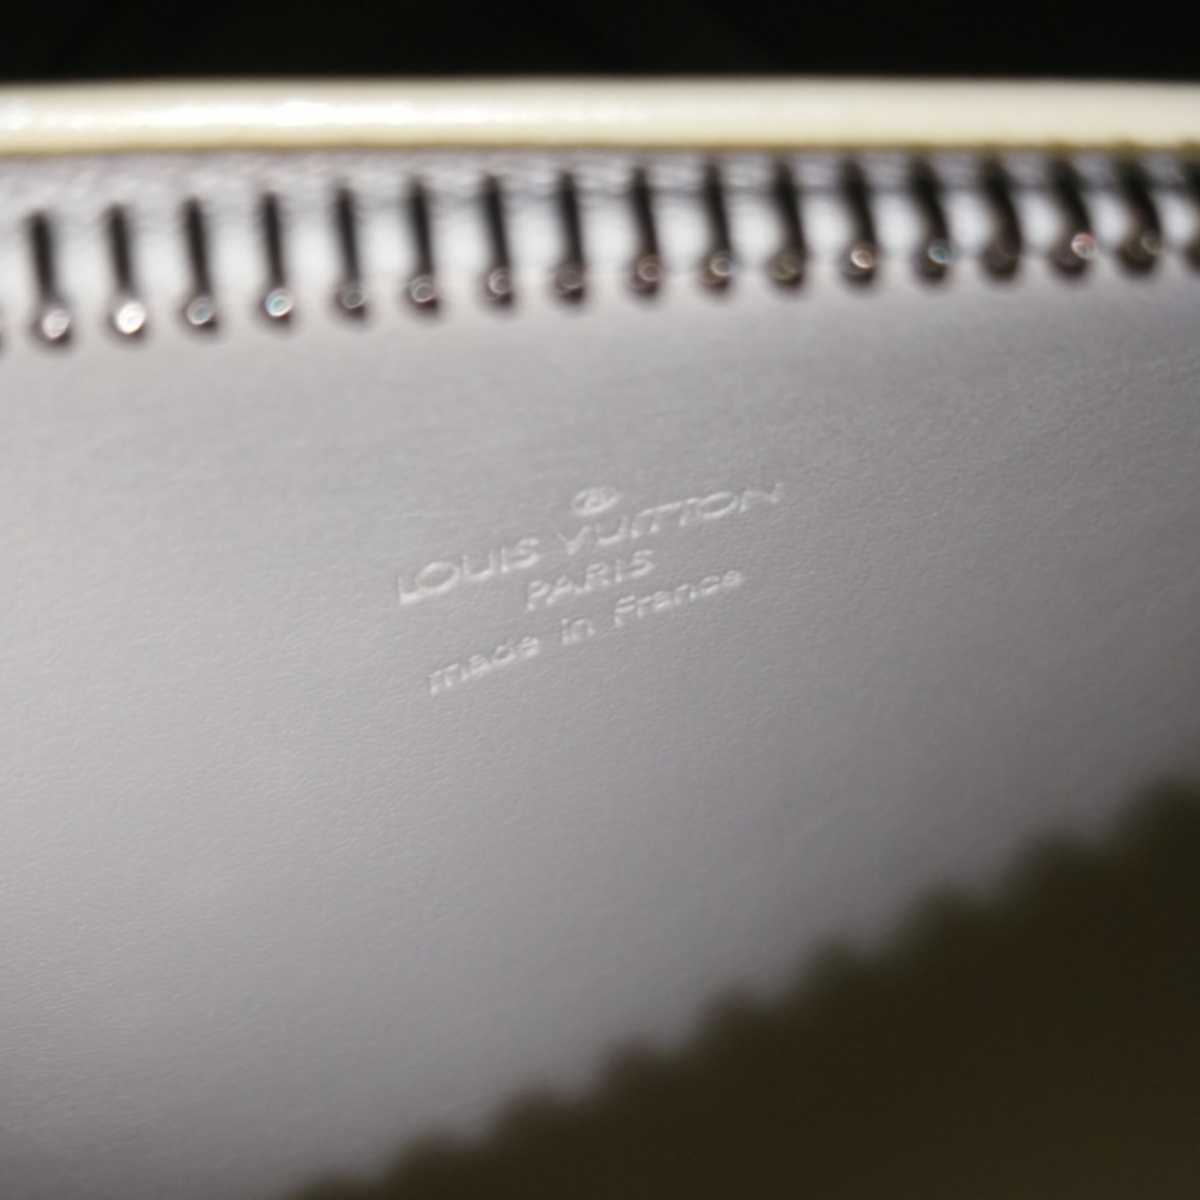 値下げ中 中古 LOUIS VUITTON ルイヴィトン モノグラム ヴェルニ ハンドバッグ ぺルル 保存袋付 送料無料_画像7